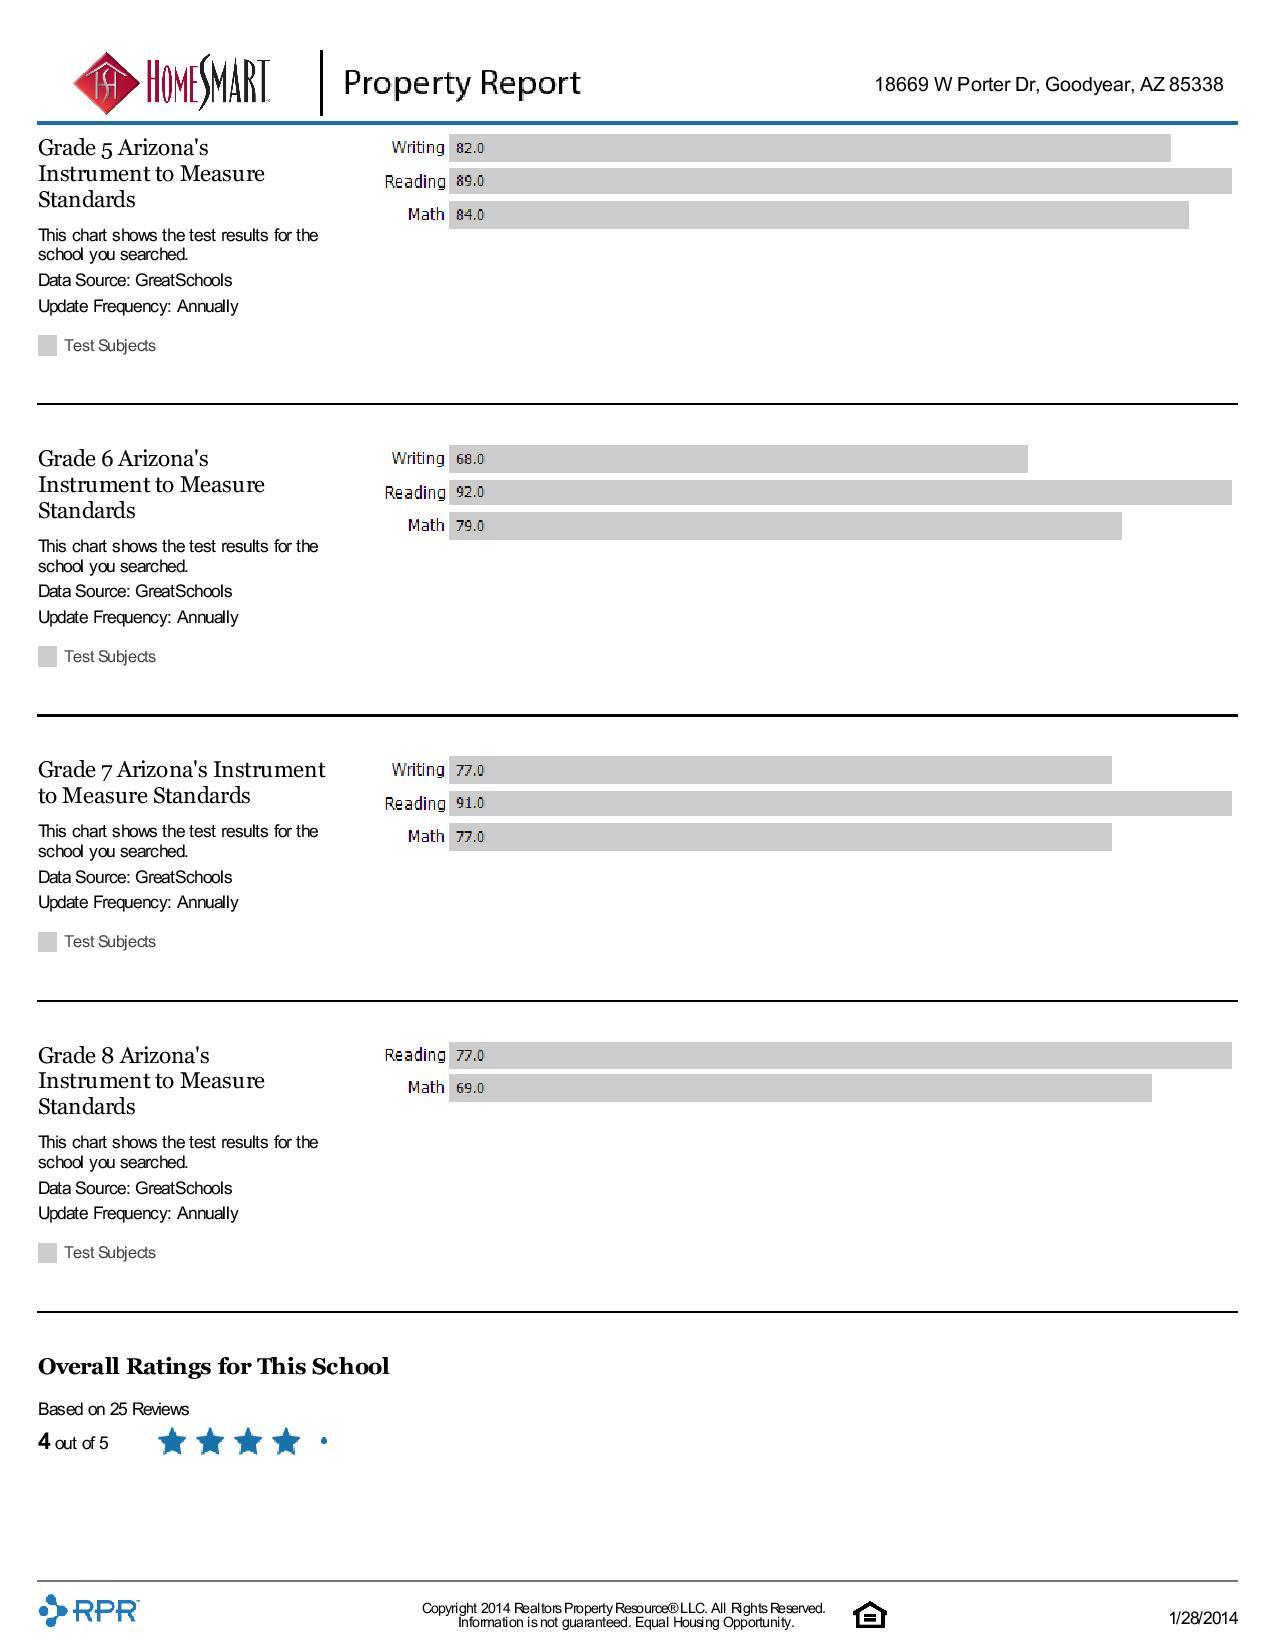 18669-W-Porter-Dr-Goodyear-AZ-85338.pdf-page-016